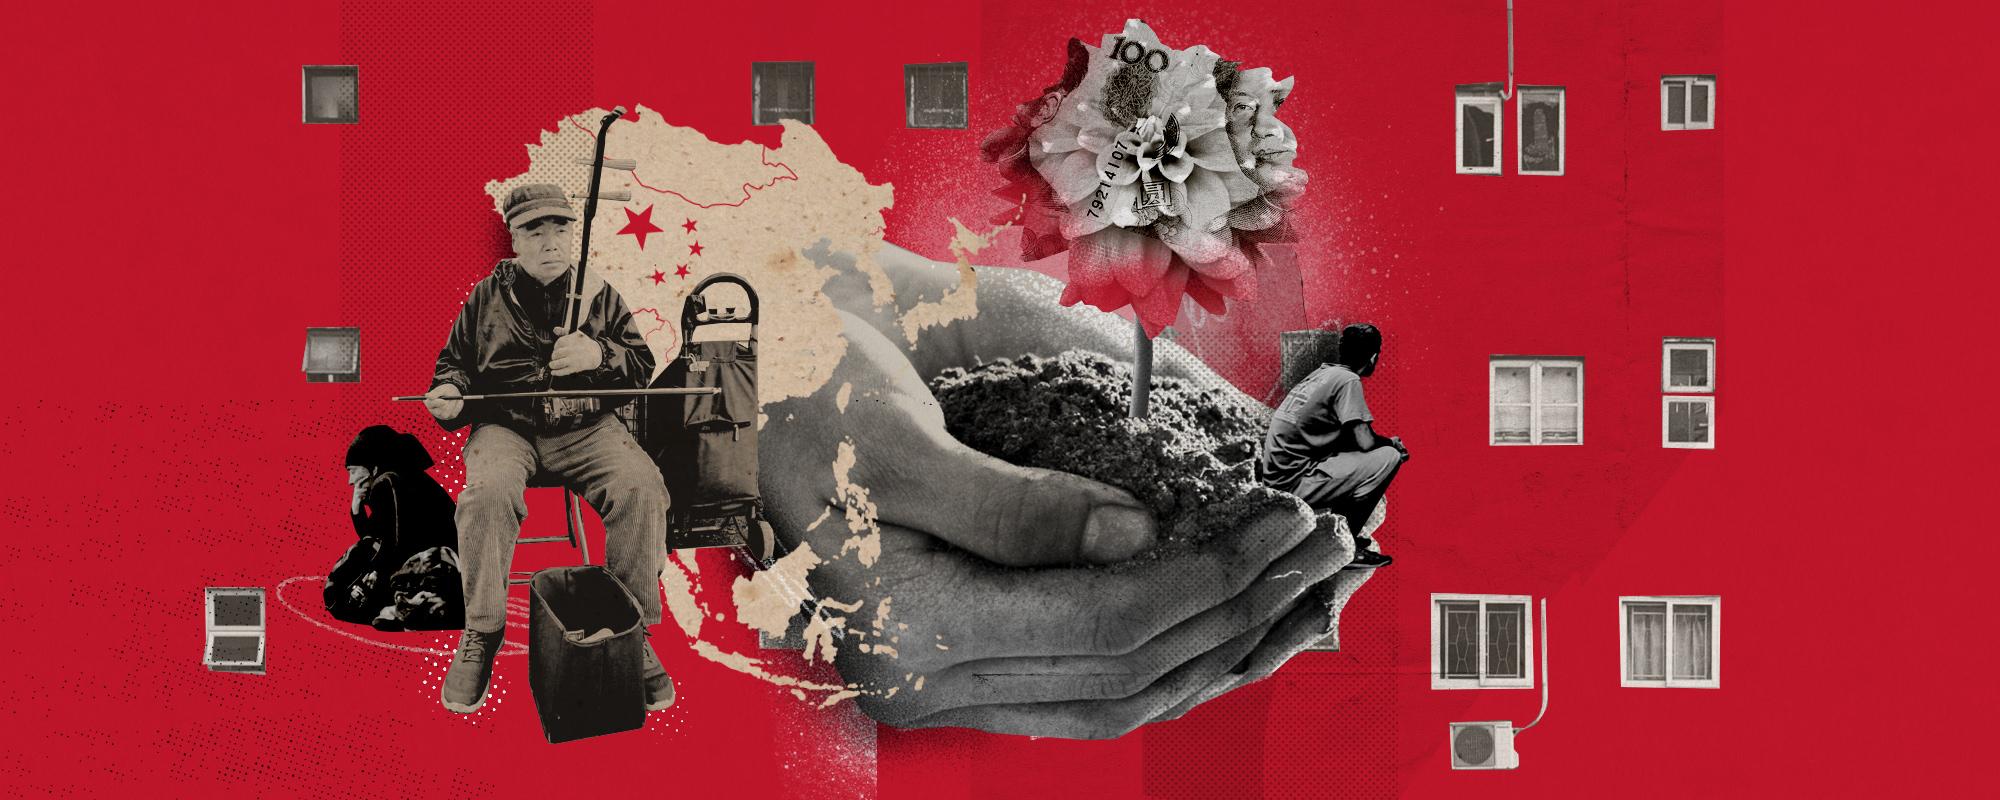 És la Xina una superpotència en l'ajuda al desenvolupament?